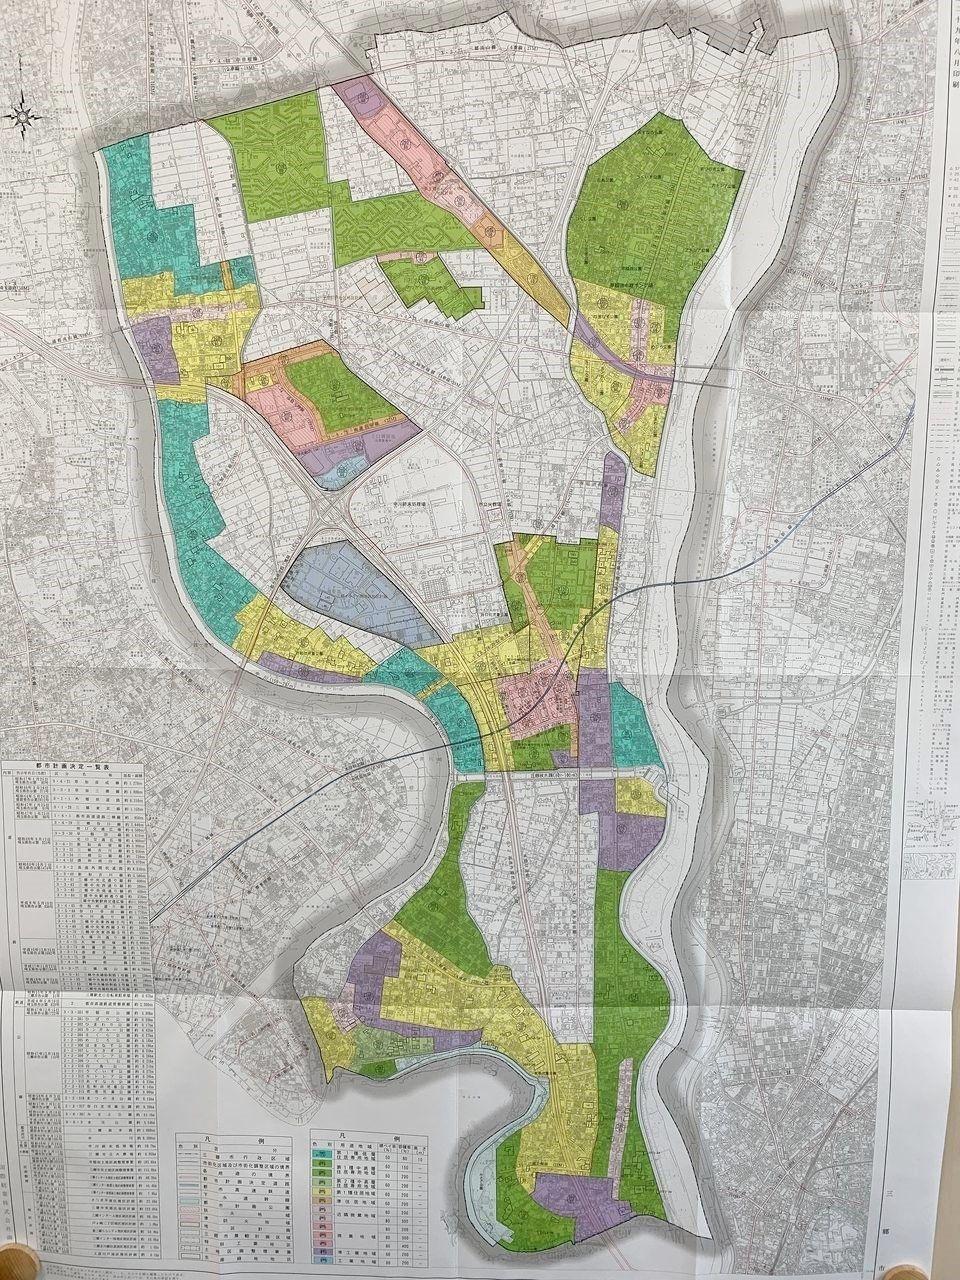 まだまだ市街化調整区域が多いのです